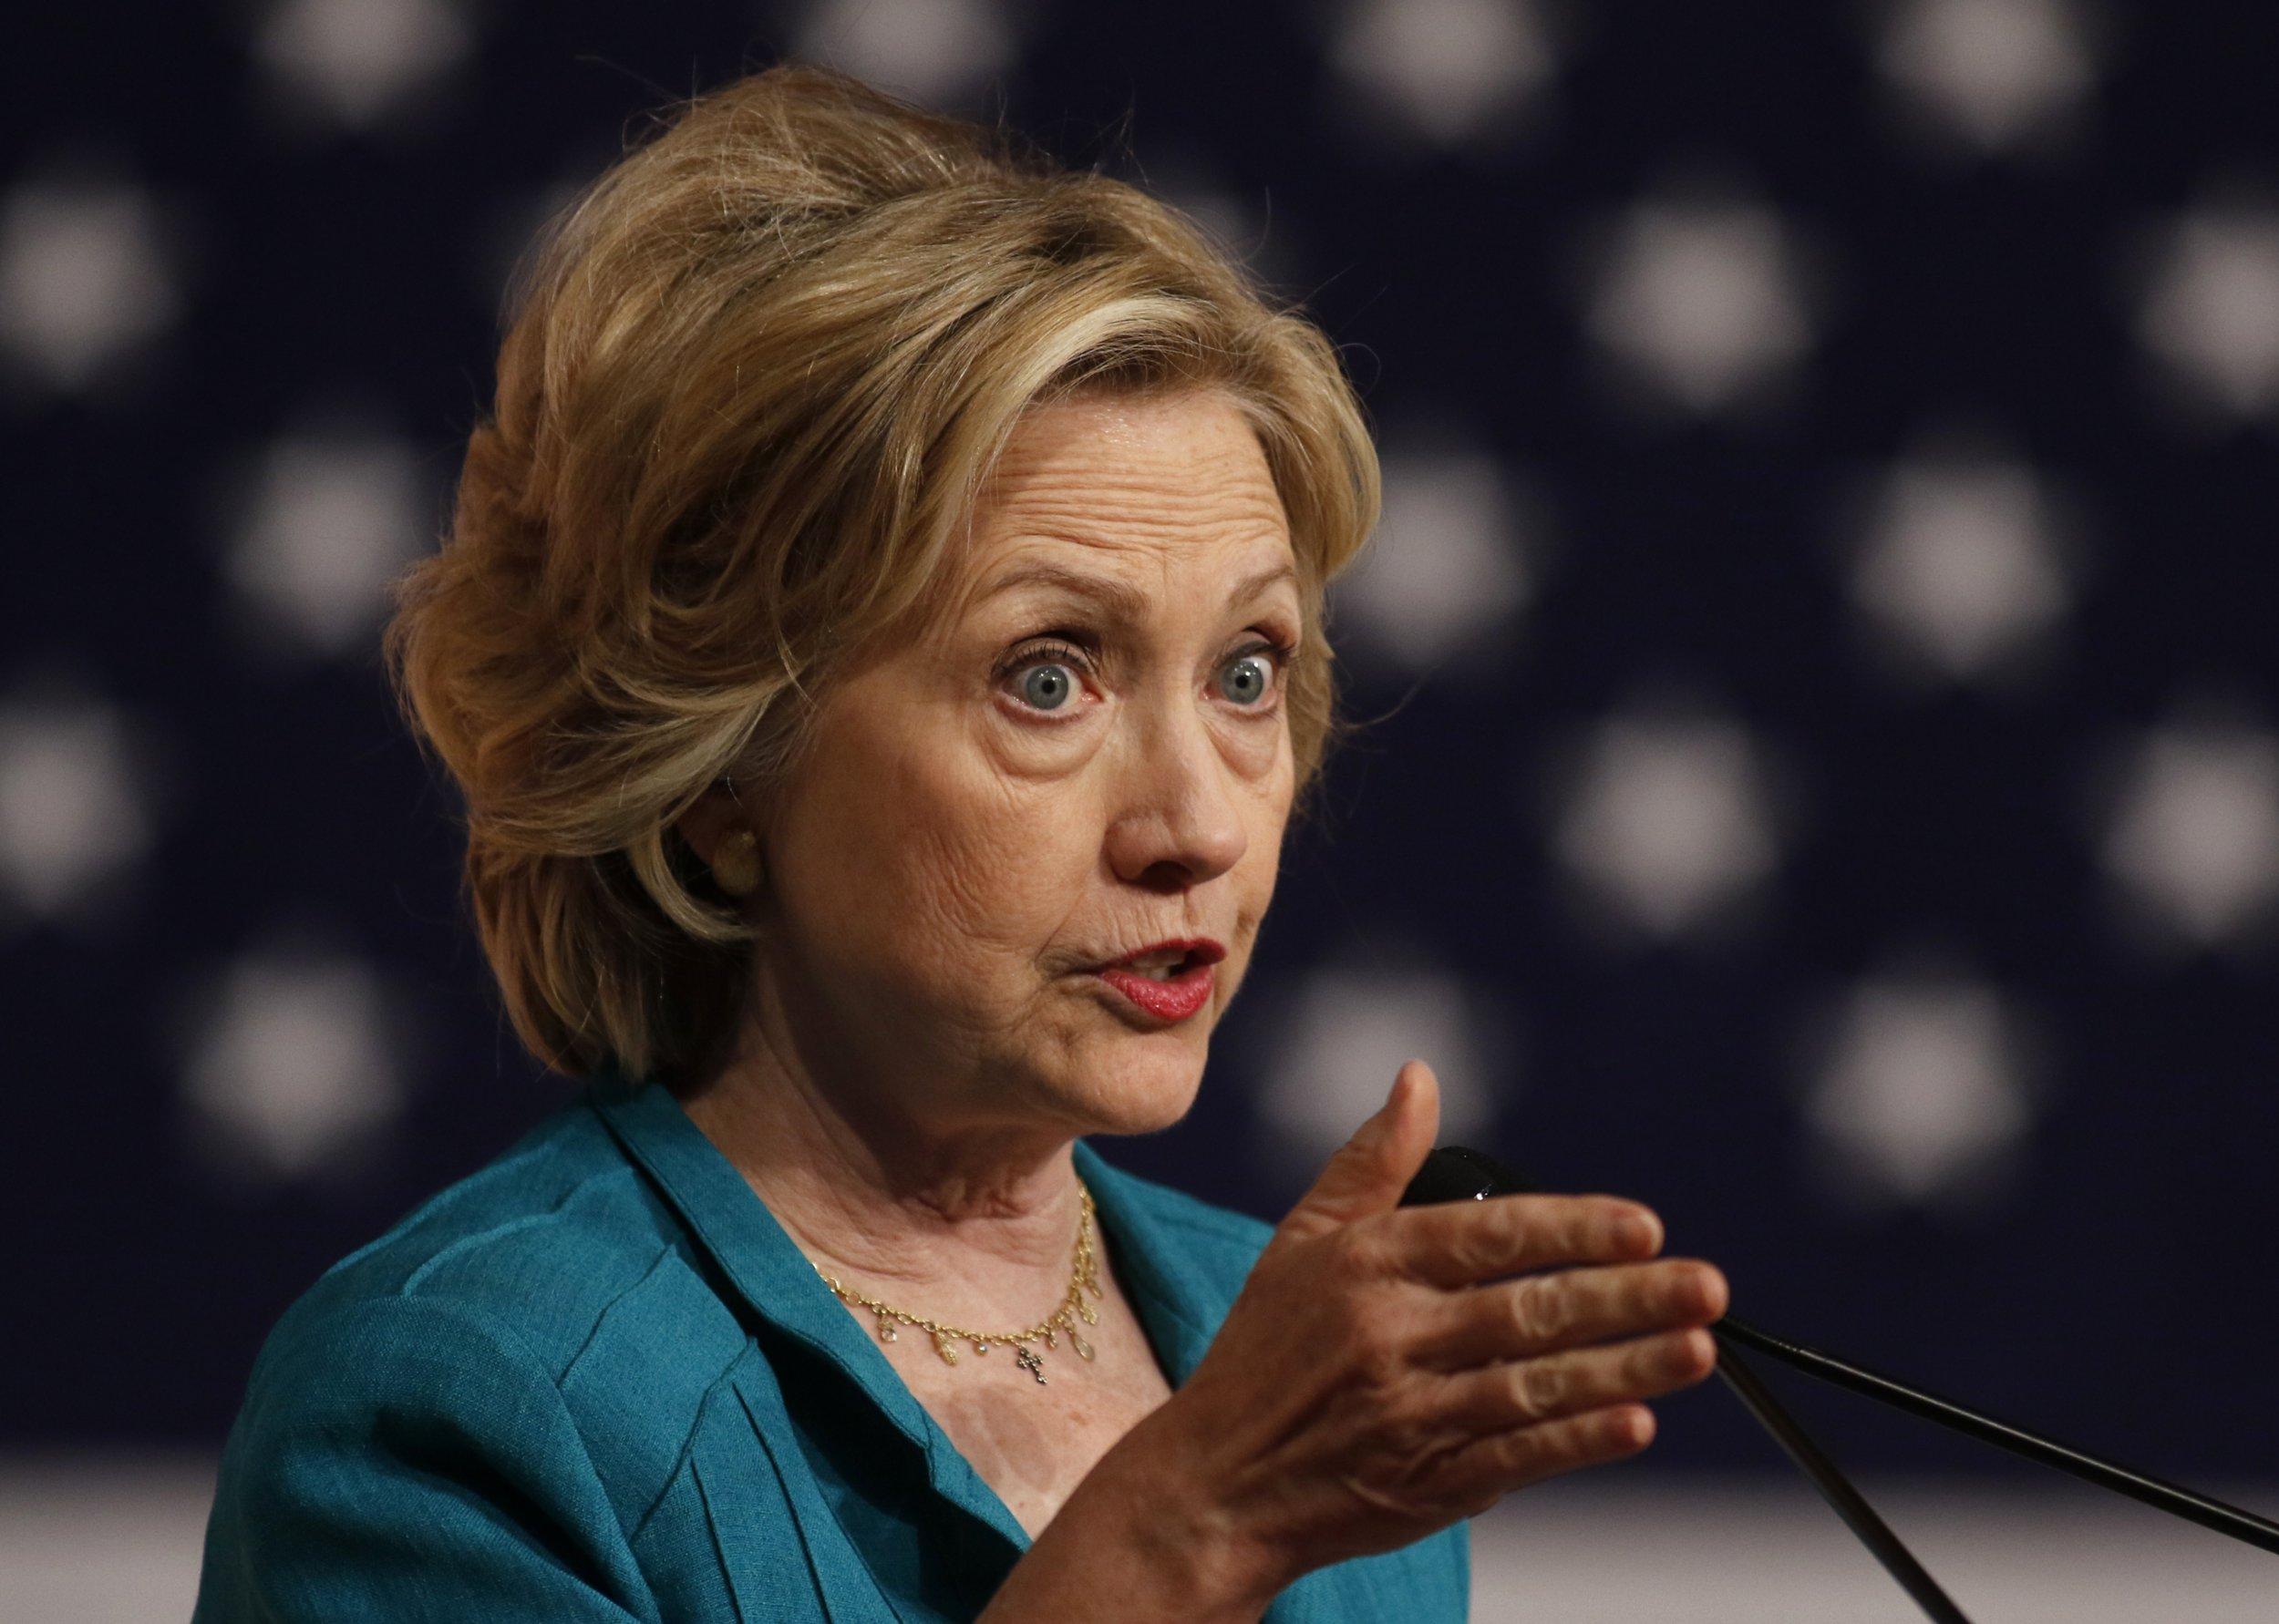 08_17_HillaryClinton_01